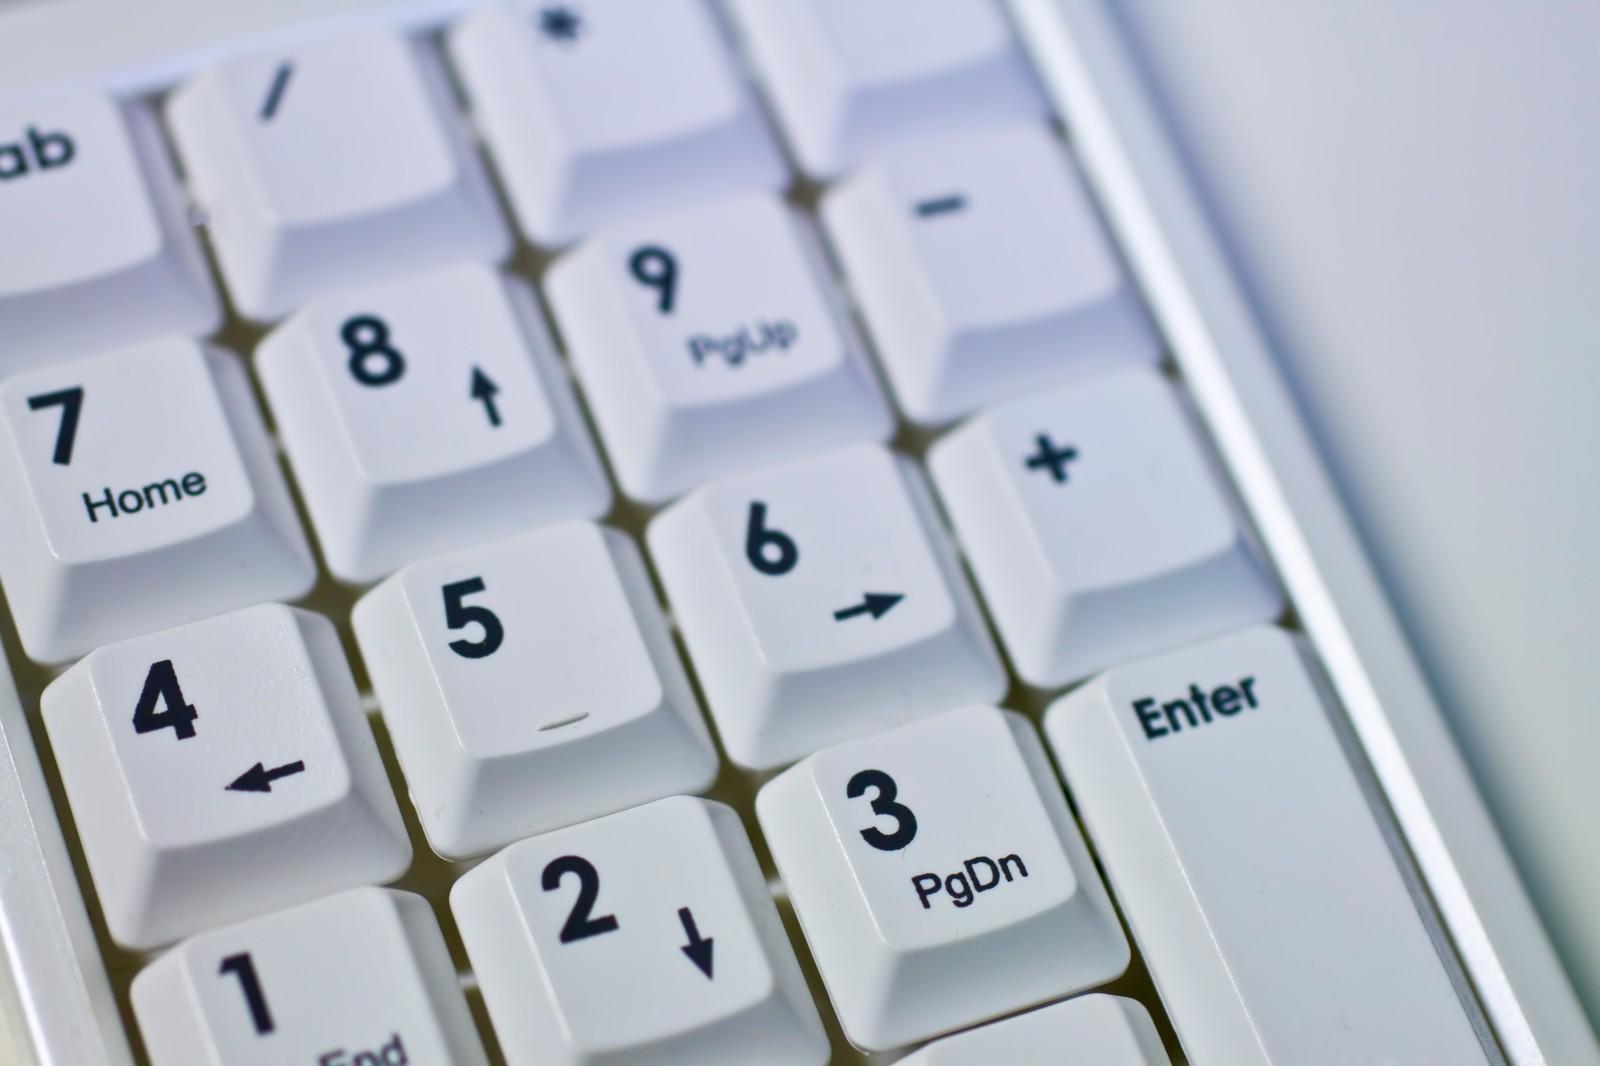 JavaScriptで数字を3桁カンマ区切りに変換する方法